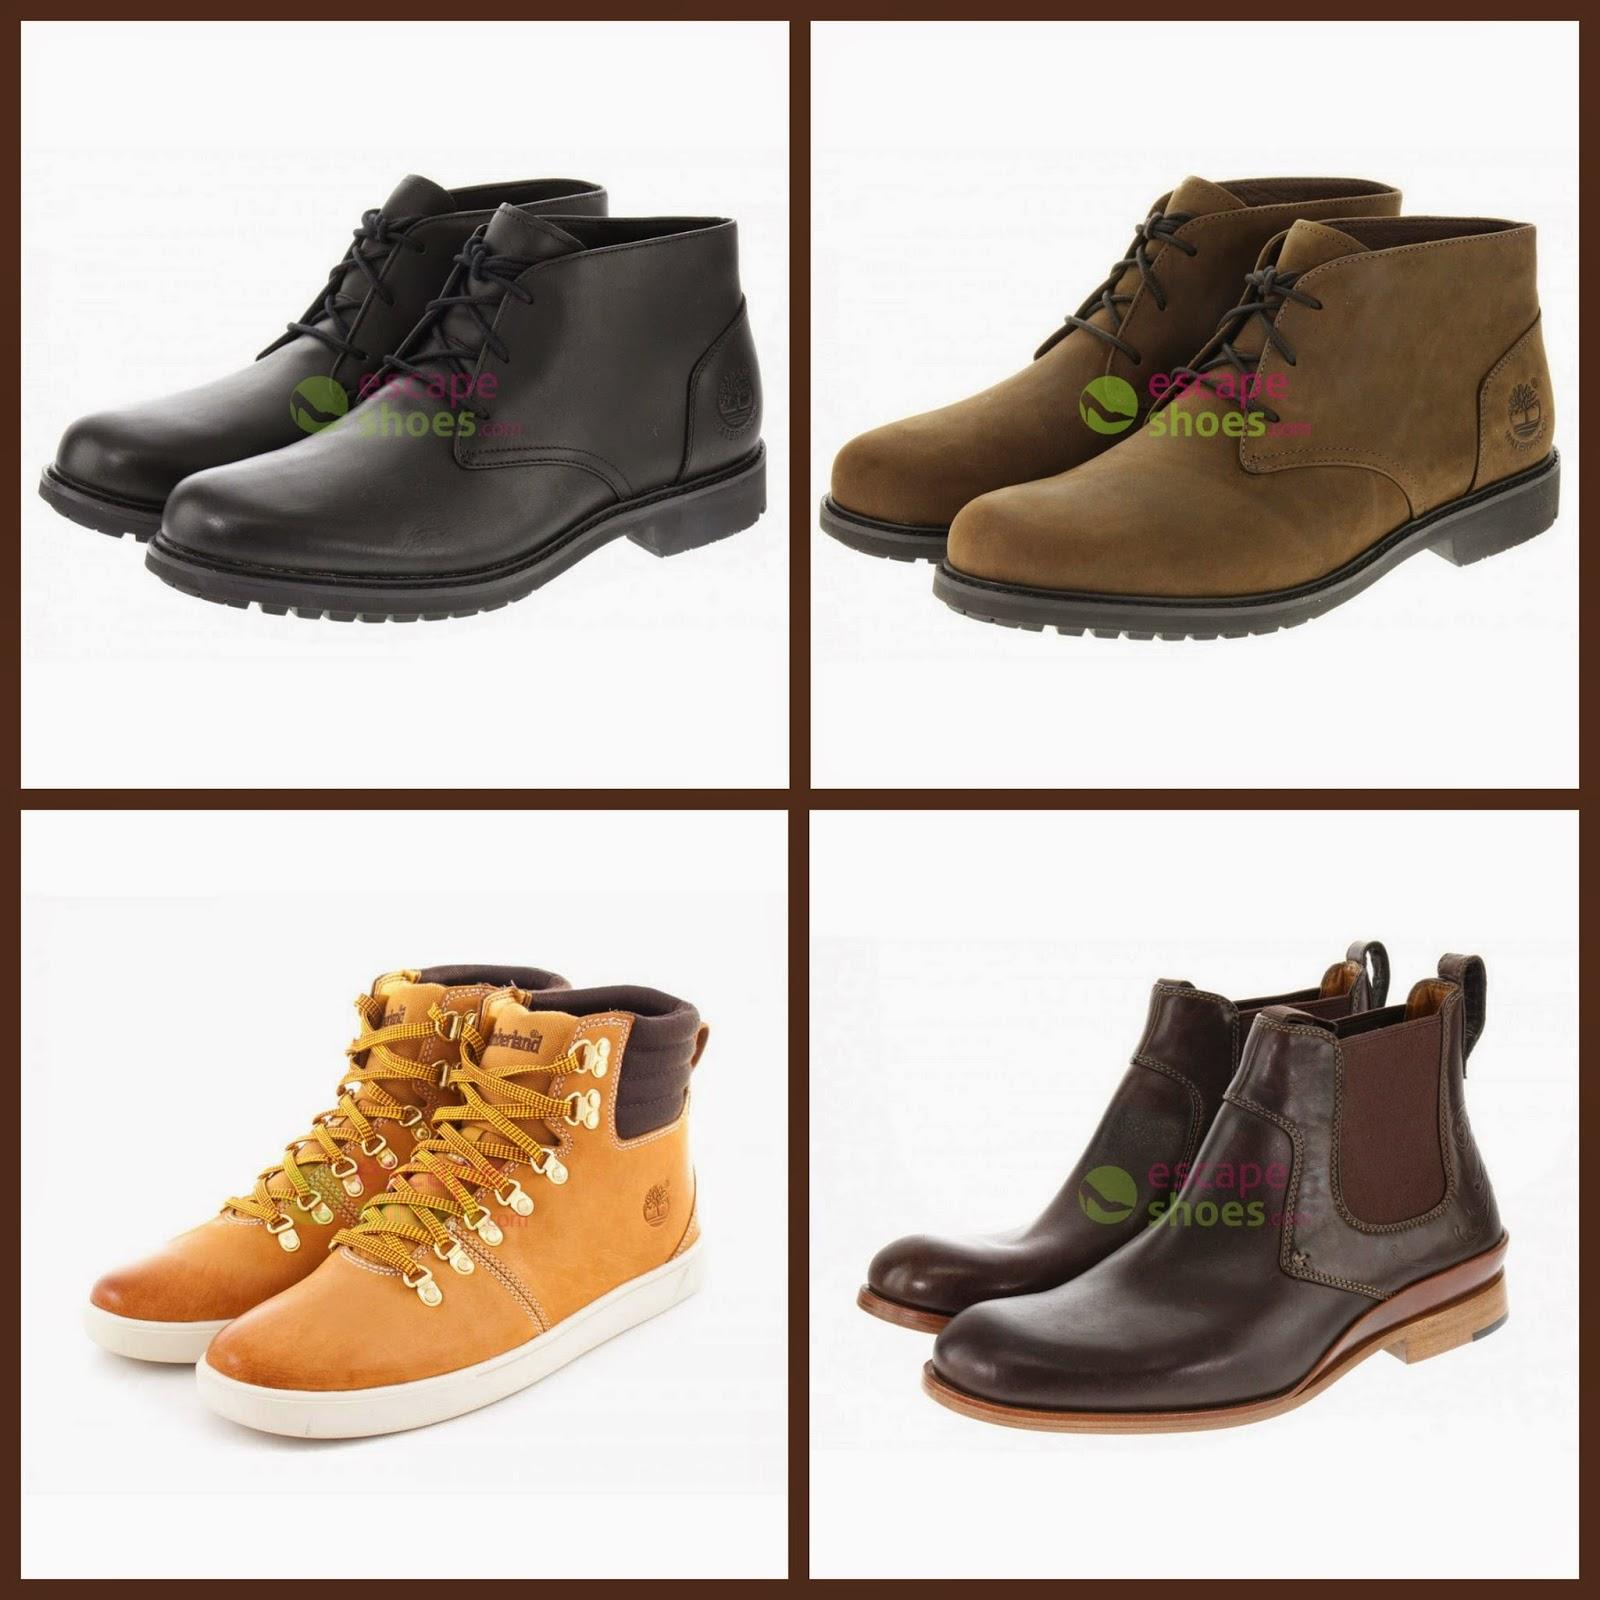 fotos de zapatos timberland - fotos zapatos | Zapato americano San Ramón (Costa Rica) Negocio